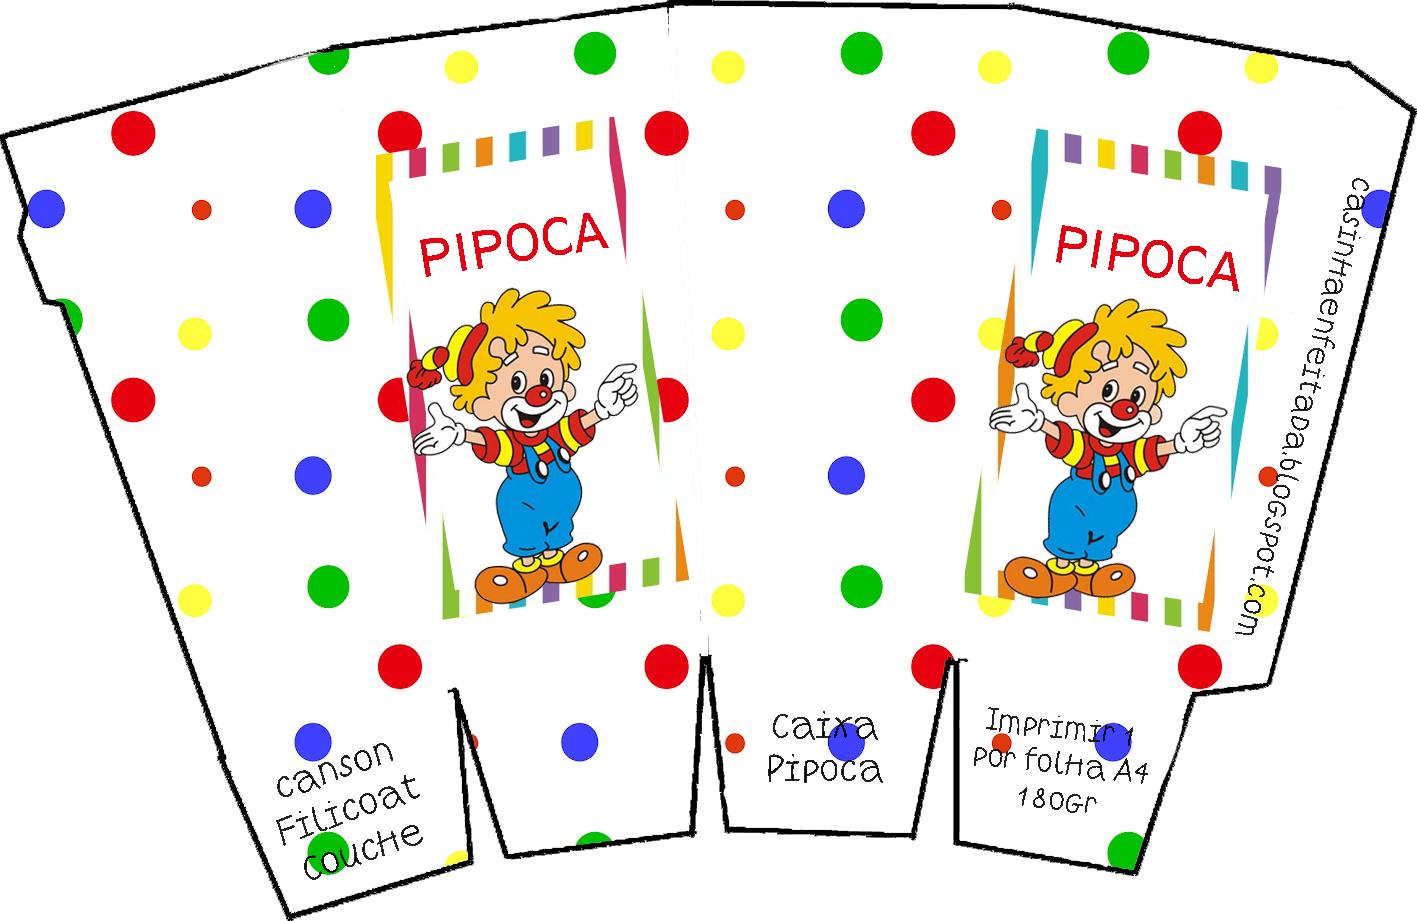 Caixa-Pipoca1.png (1417×921)